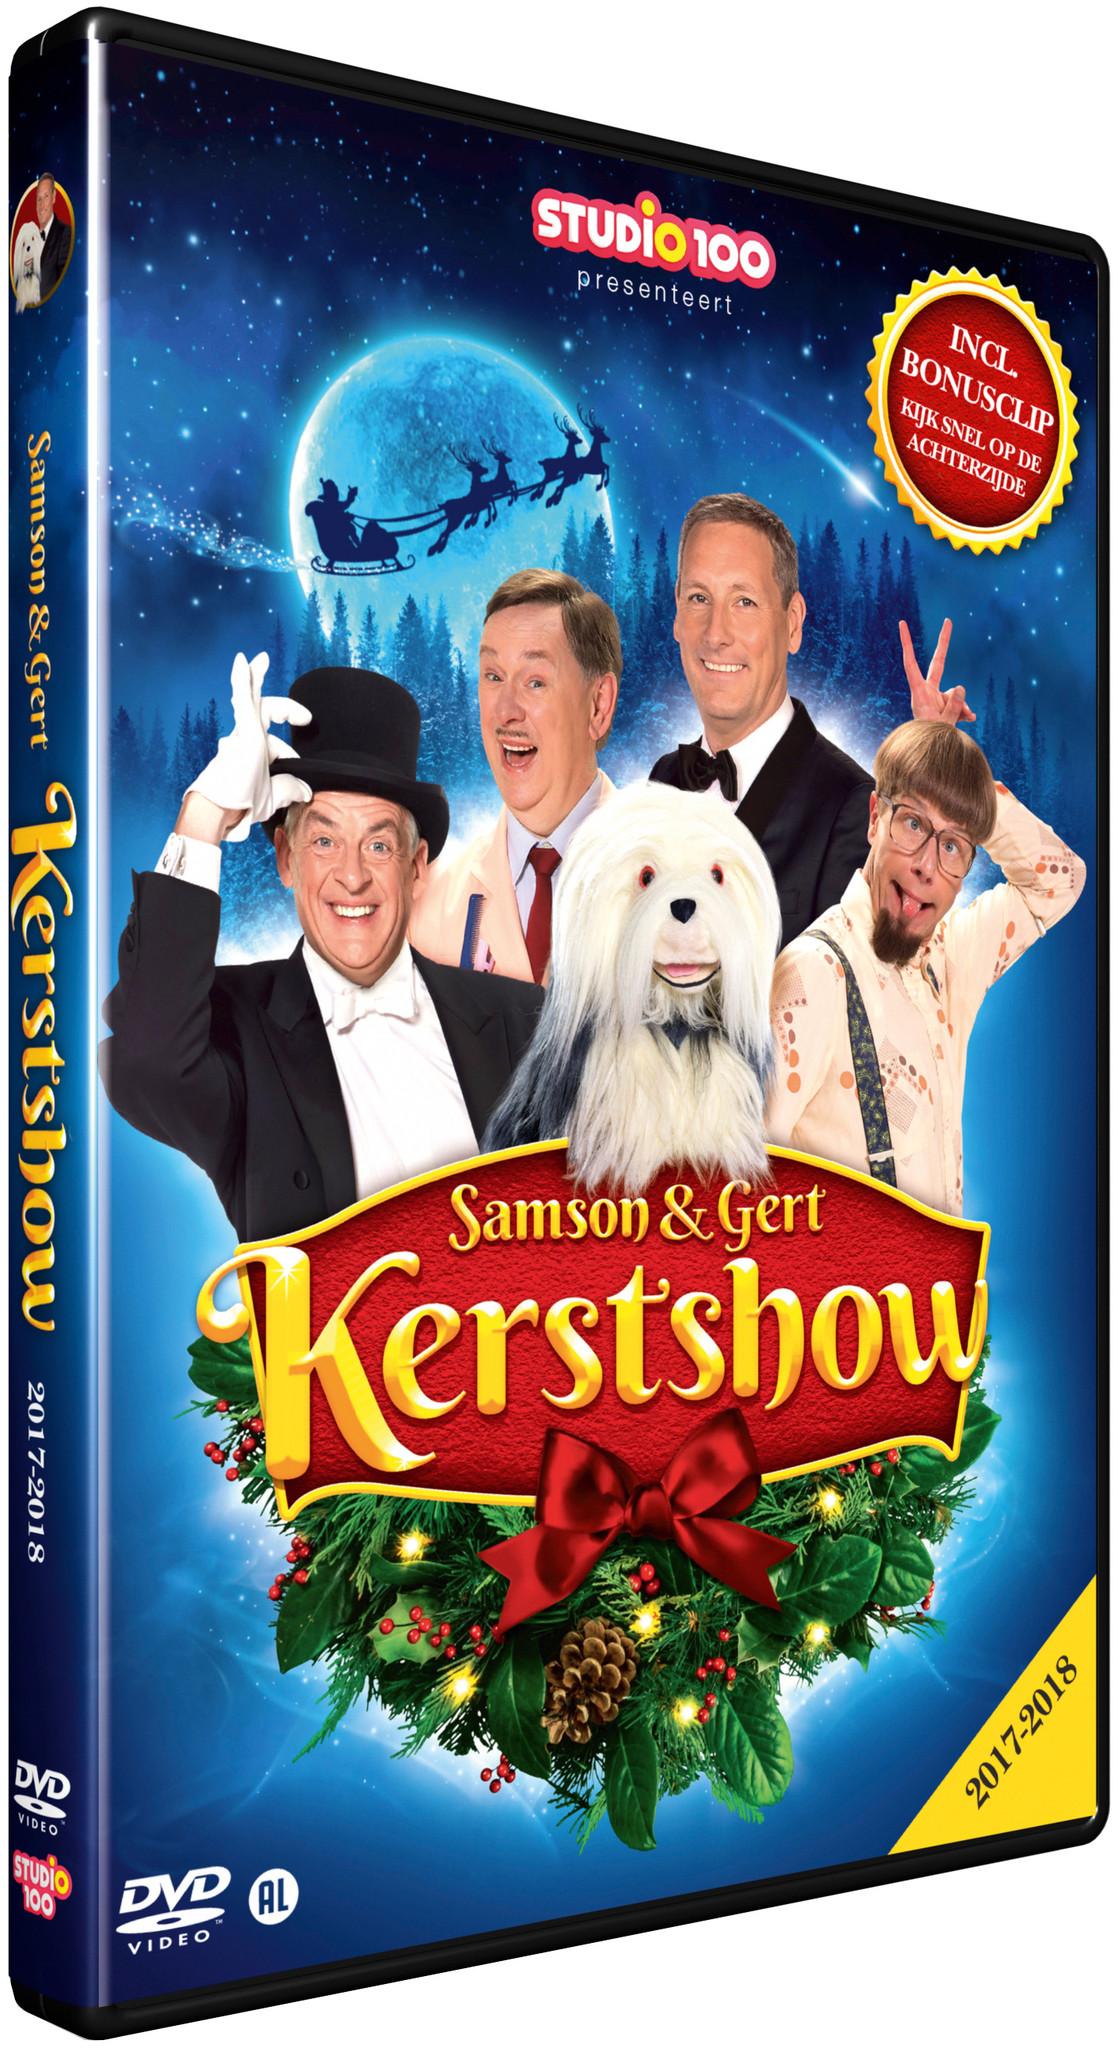 Dvd Samson & Gert: kerstshow 2017/2018